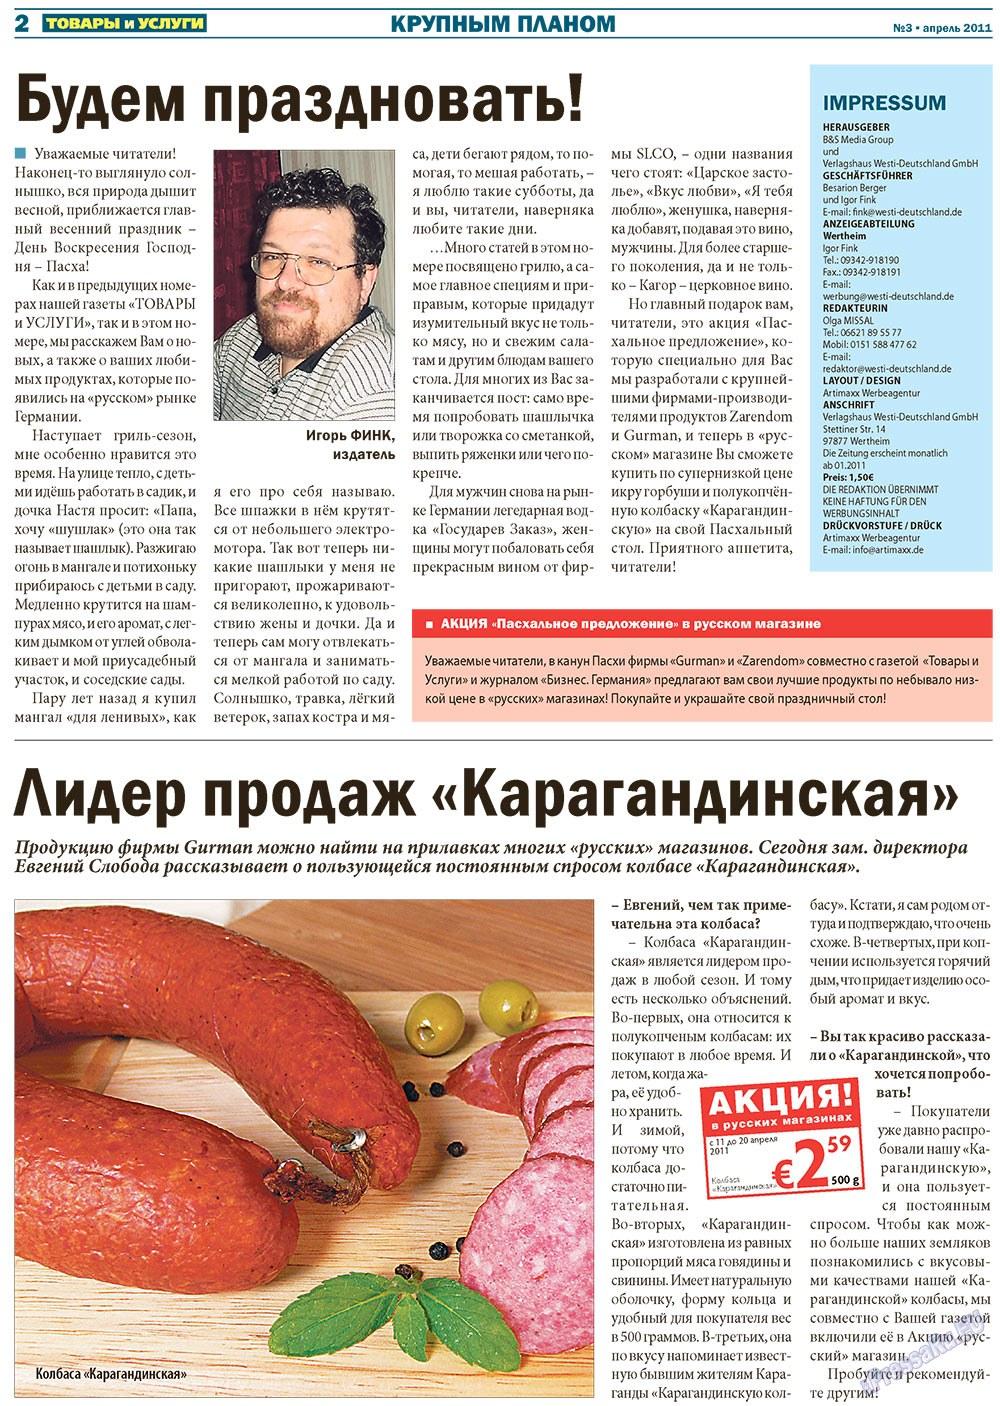 Товары и услуги (газета). 2011 год, номер 3, стр. 2